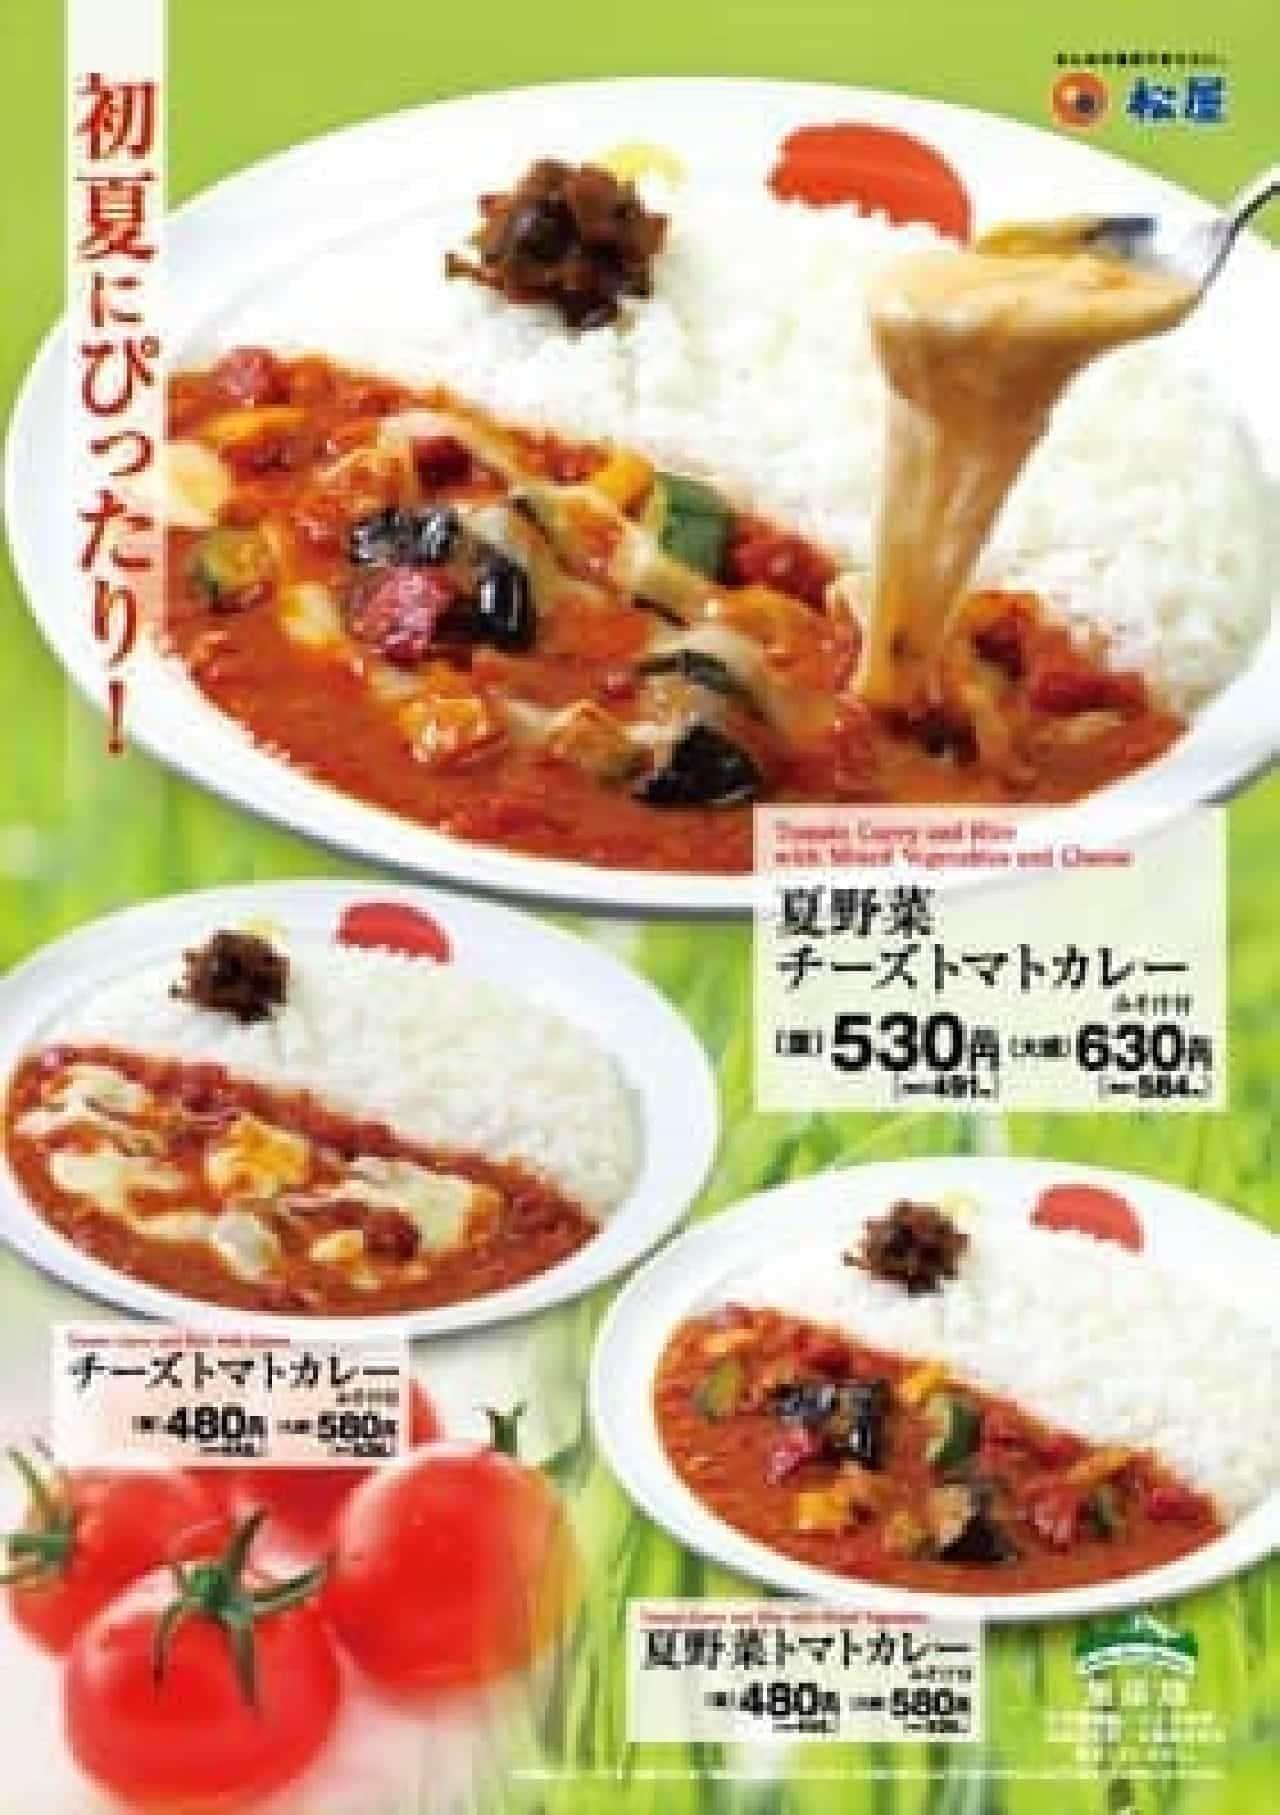 人気のトマトカレーシリーズ登場!